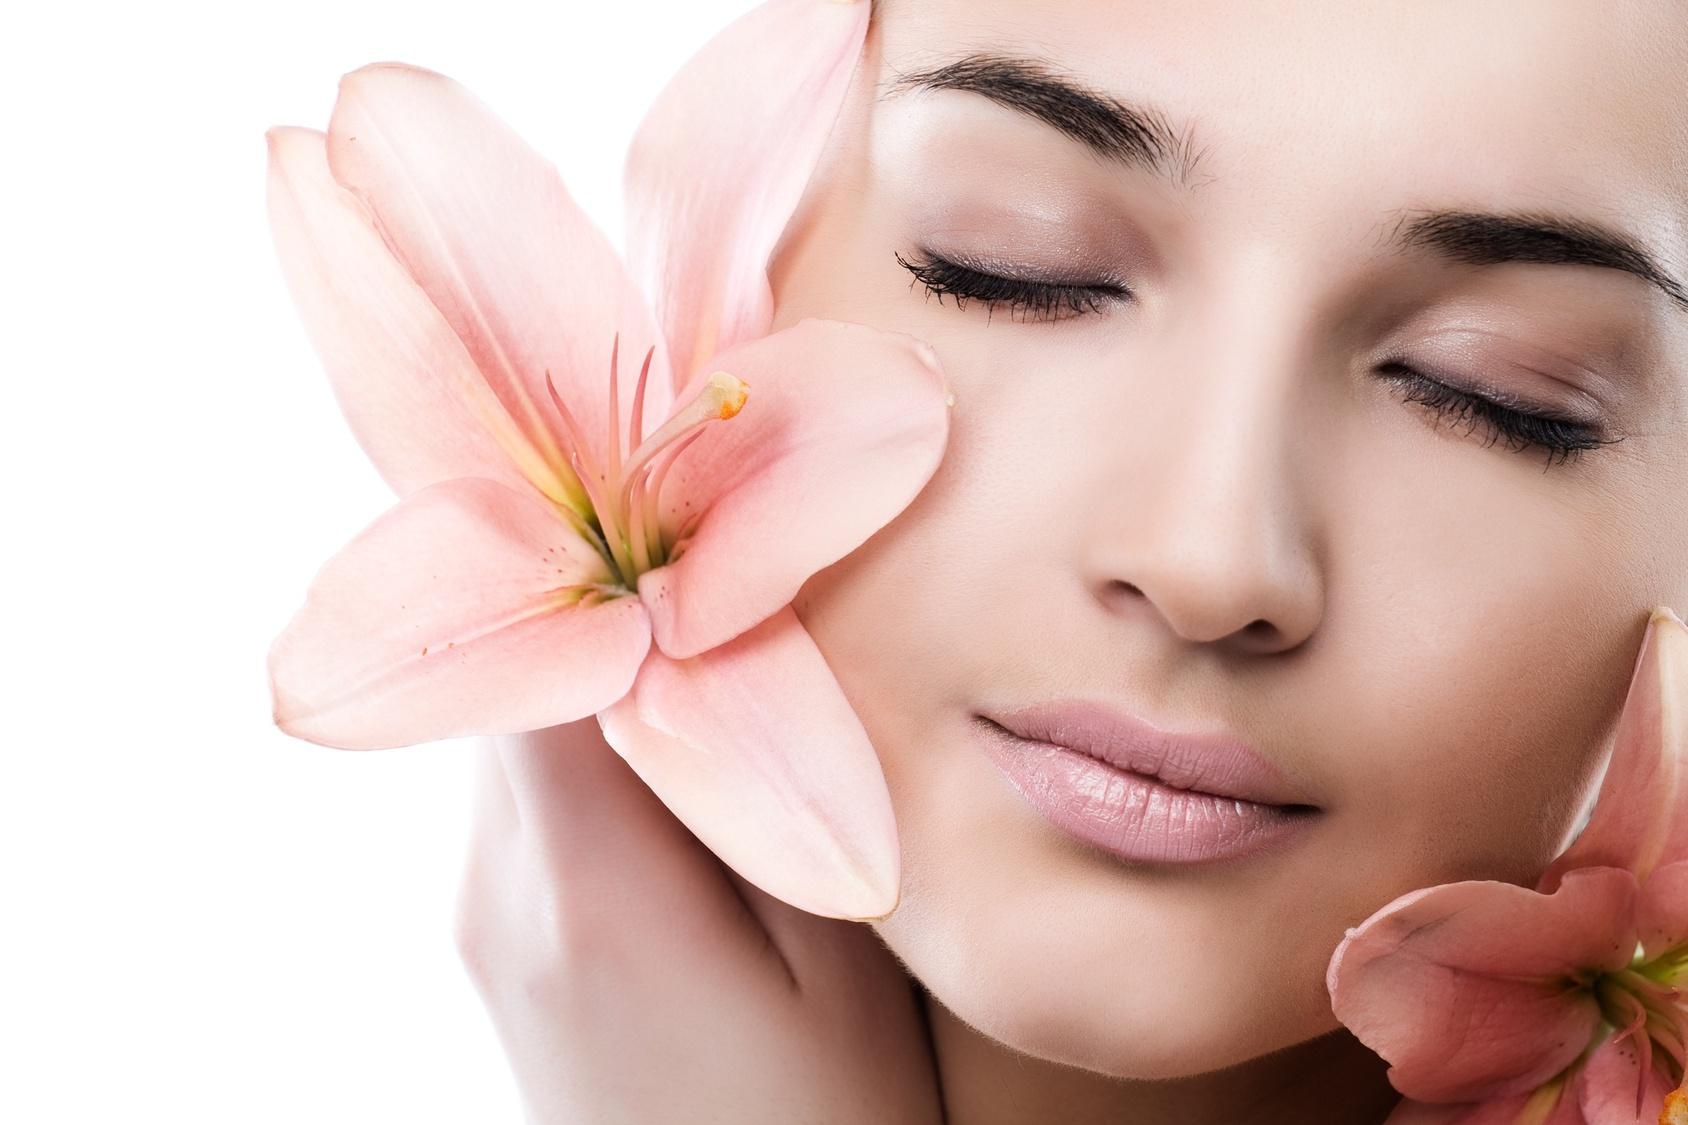 Услуги косметолога – безупречная кожа, ухоженный вид